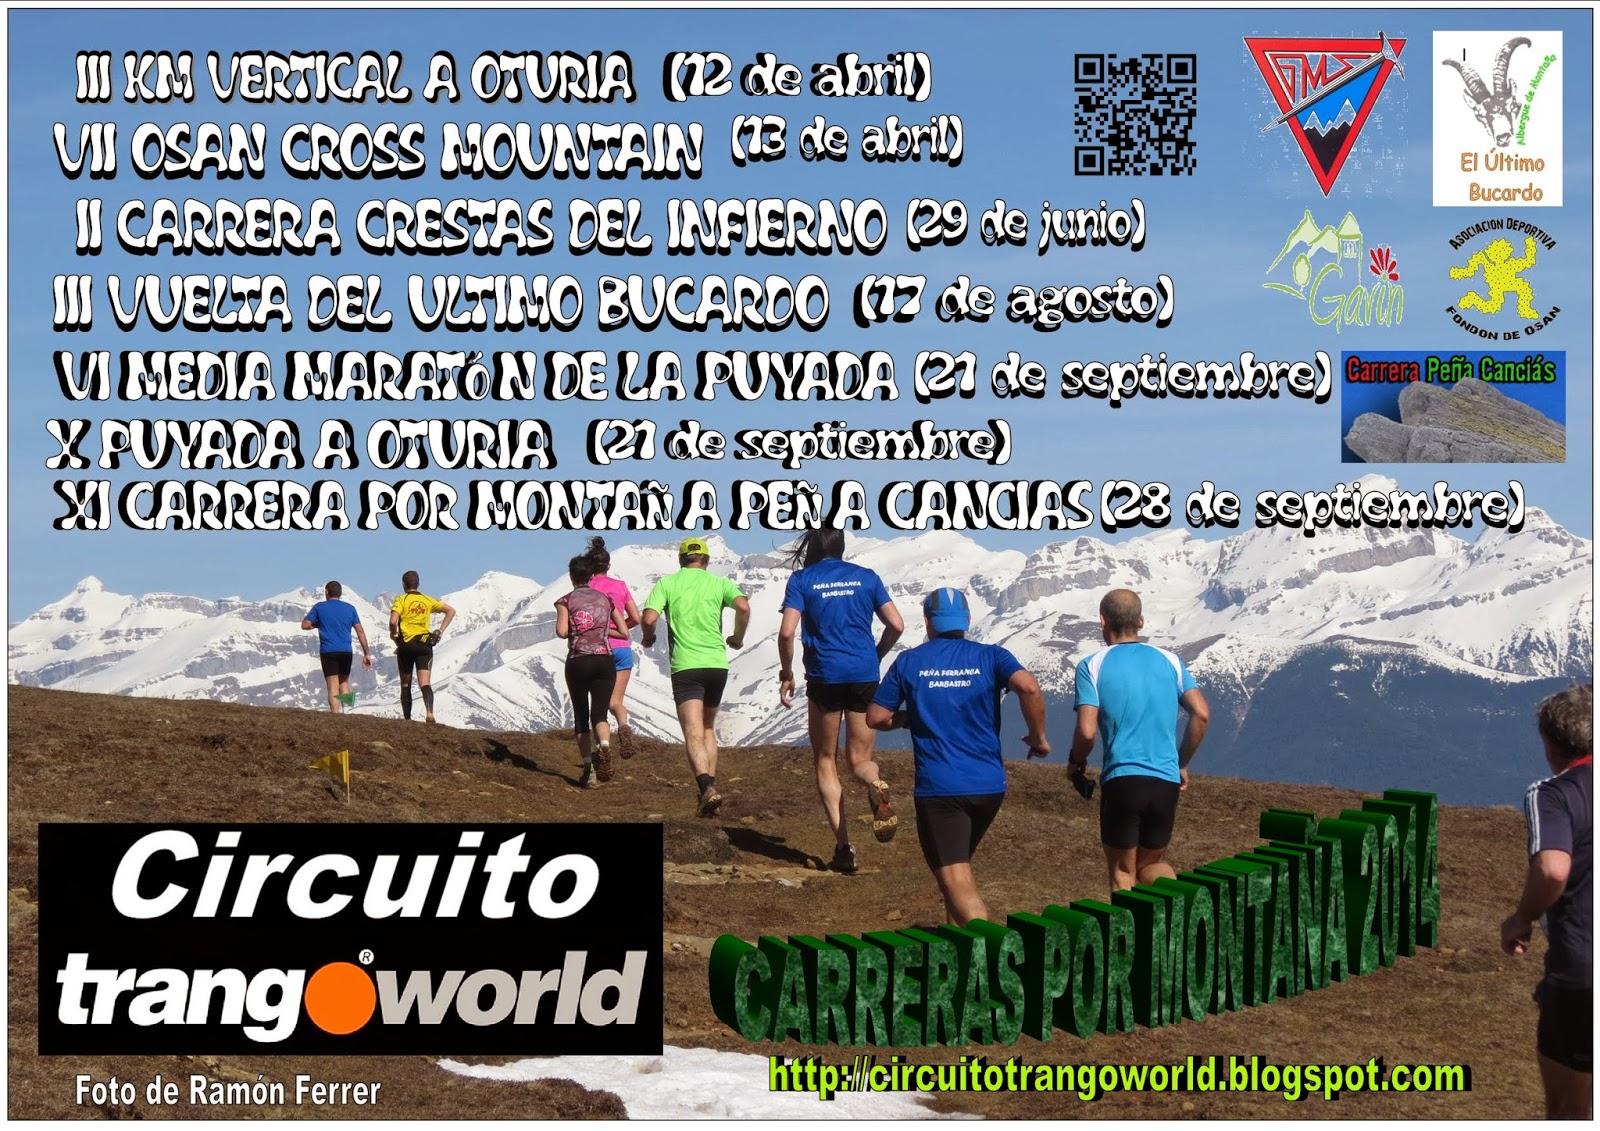 http://circuitotrangoworld.blogspot.com.es/